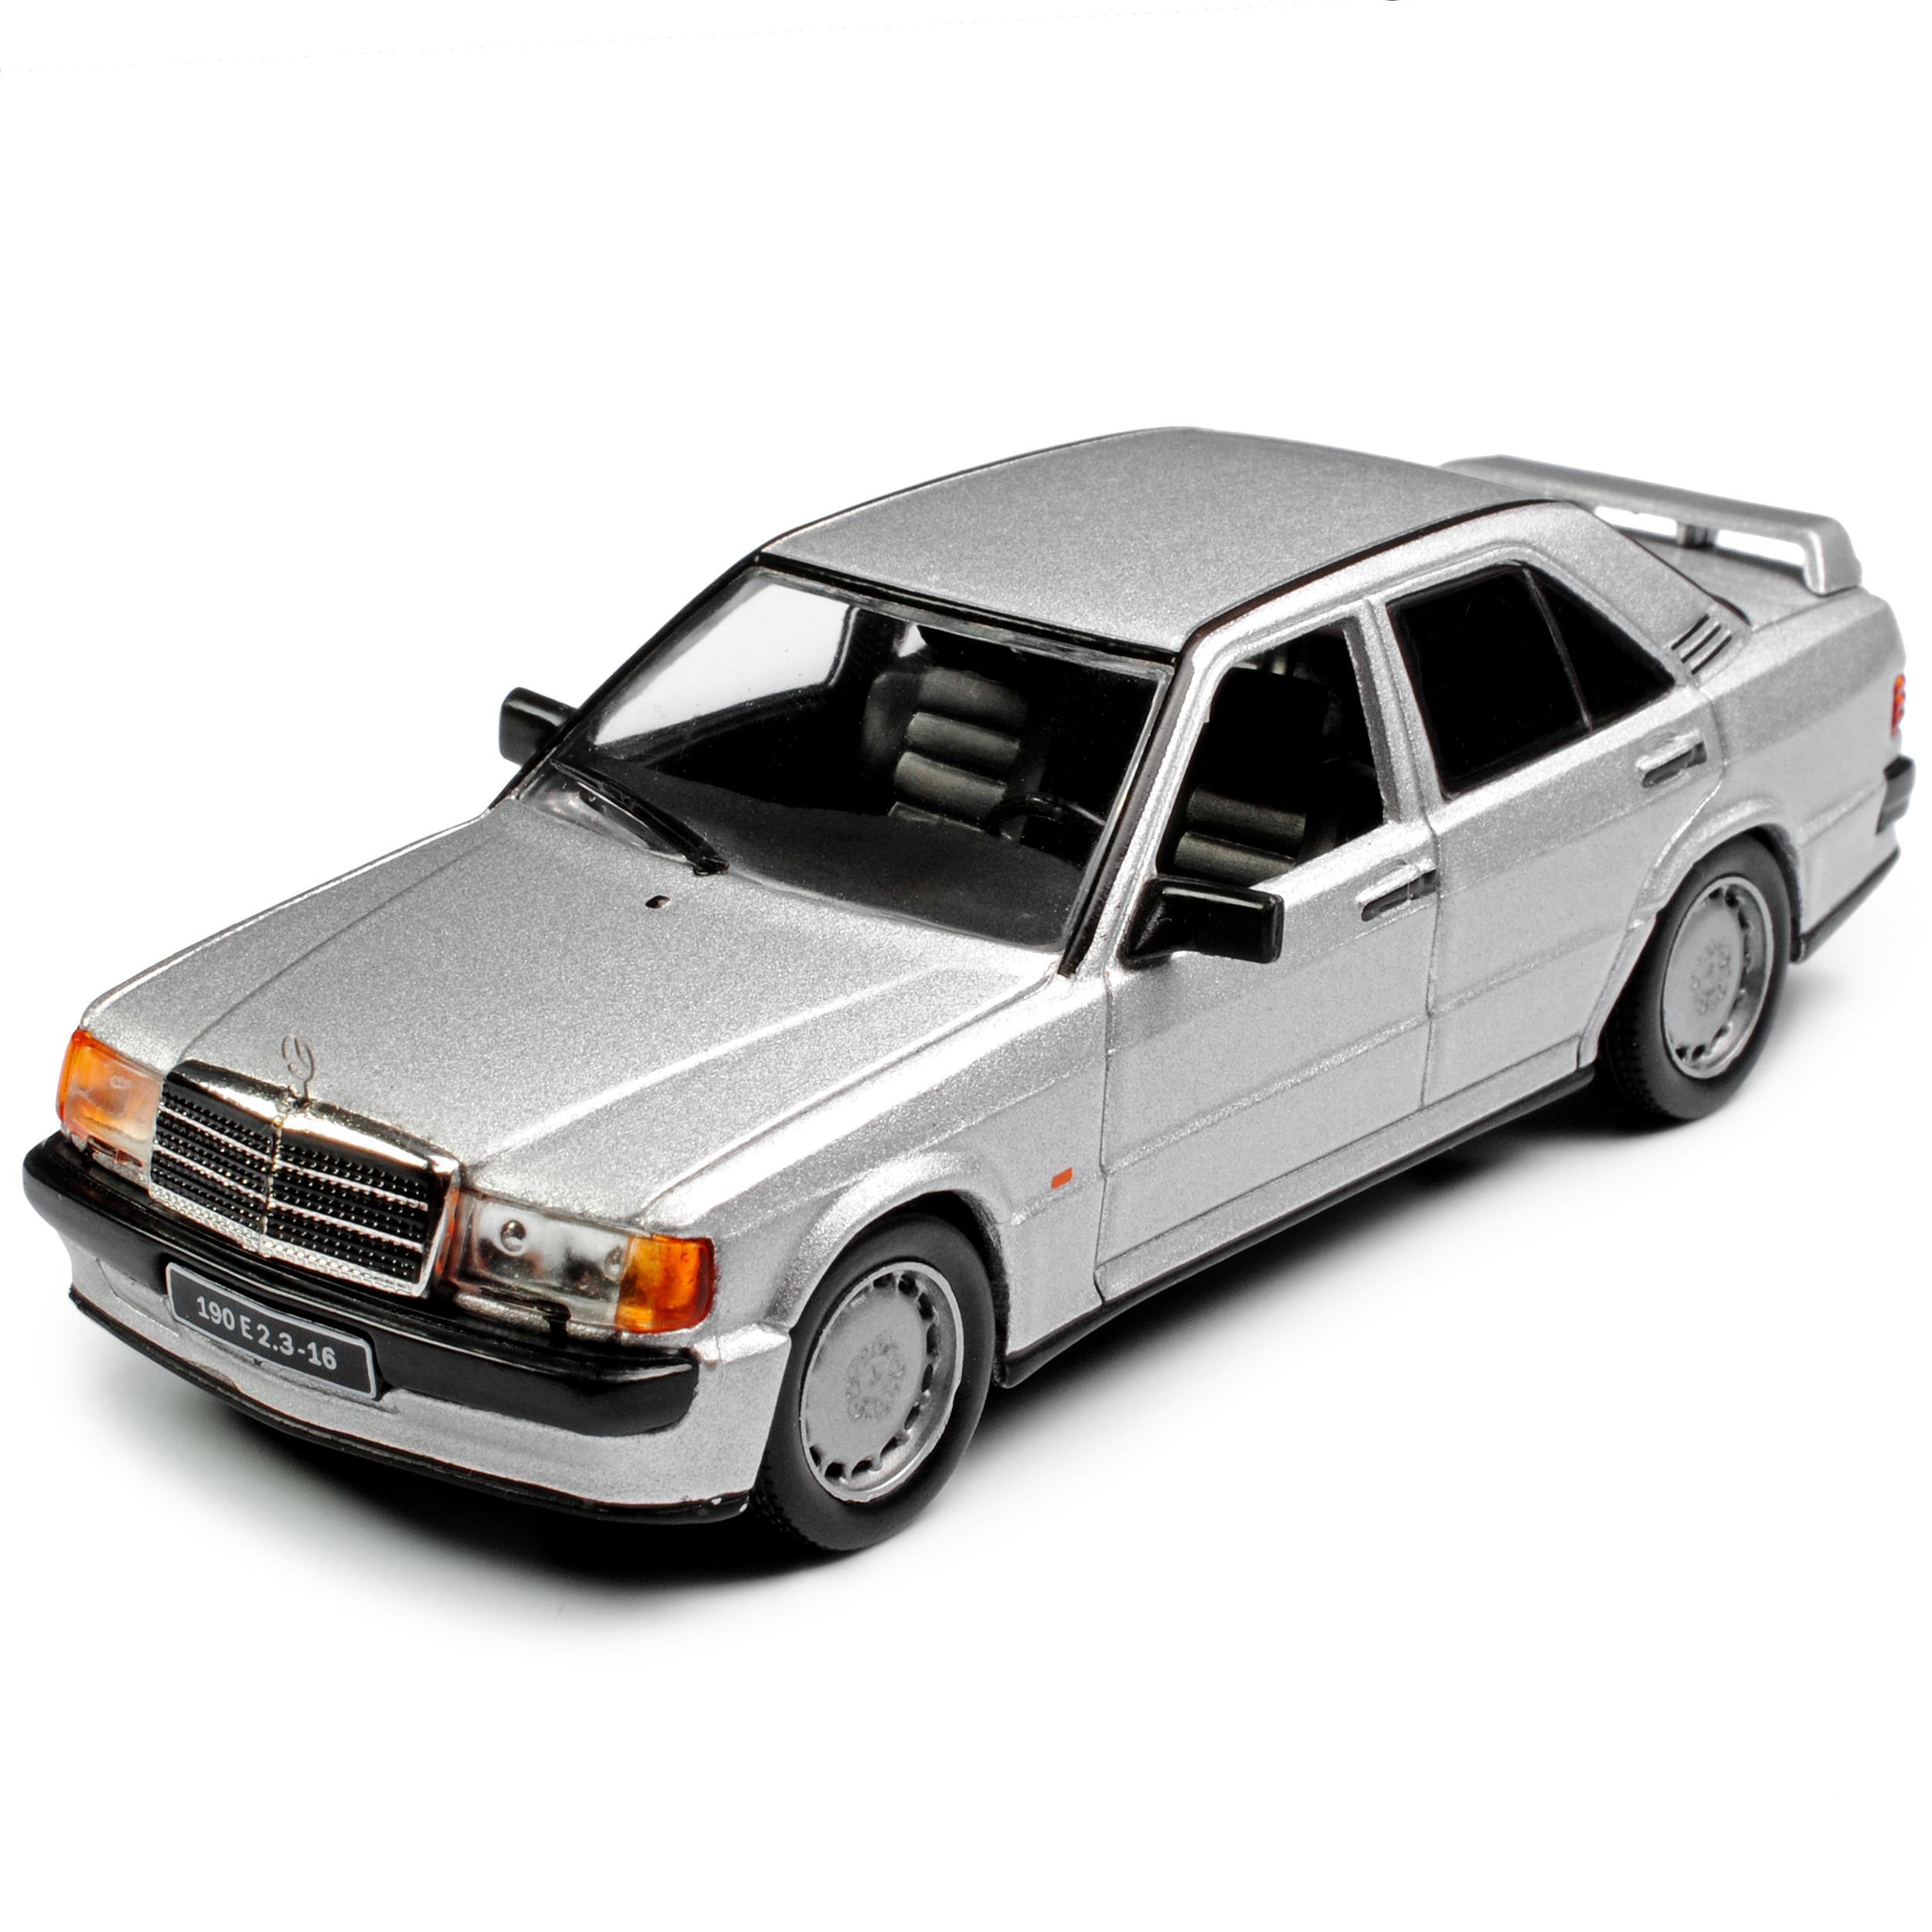 Mercedes-Benz C-Klasse 190E W201 2.5-16V Evolution II Schwarz 1982-1993 1//18 Solido Modell Auto mit individiuellem Wunschkennzeichen